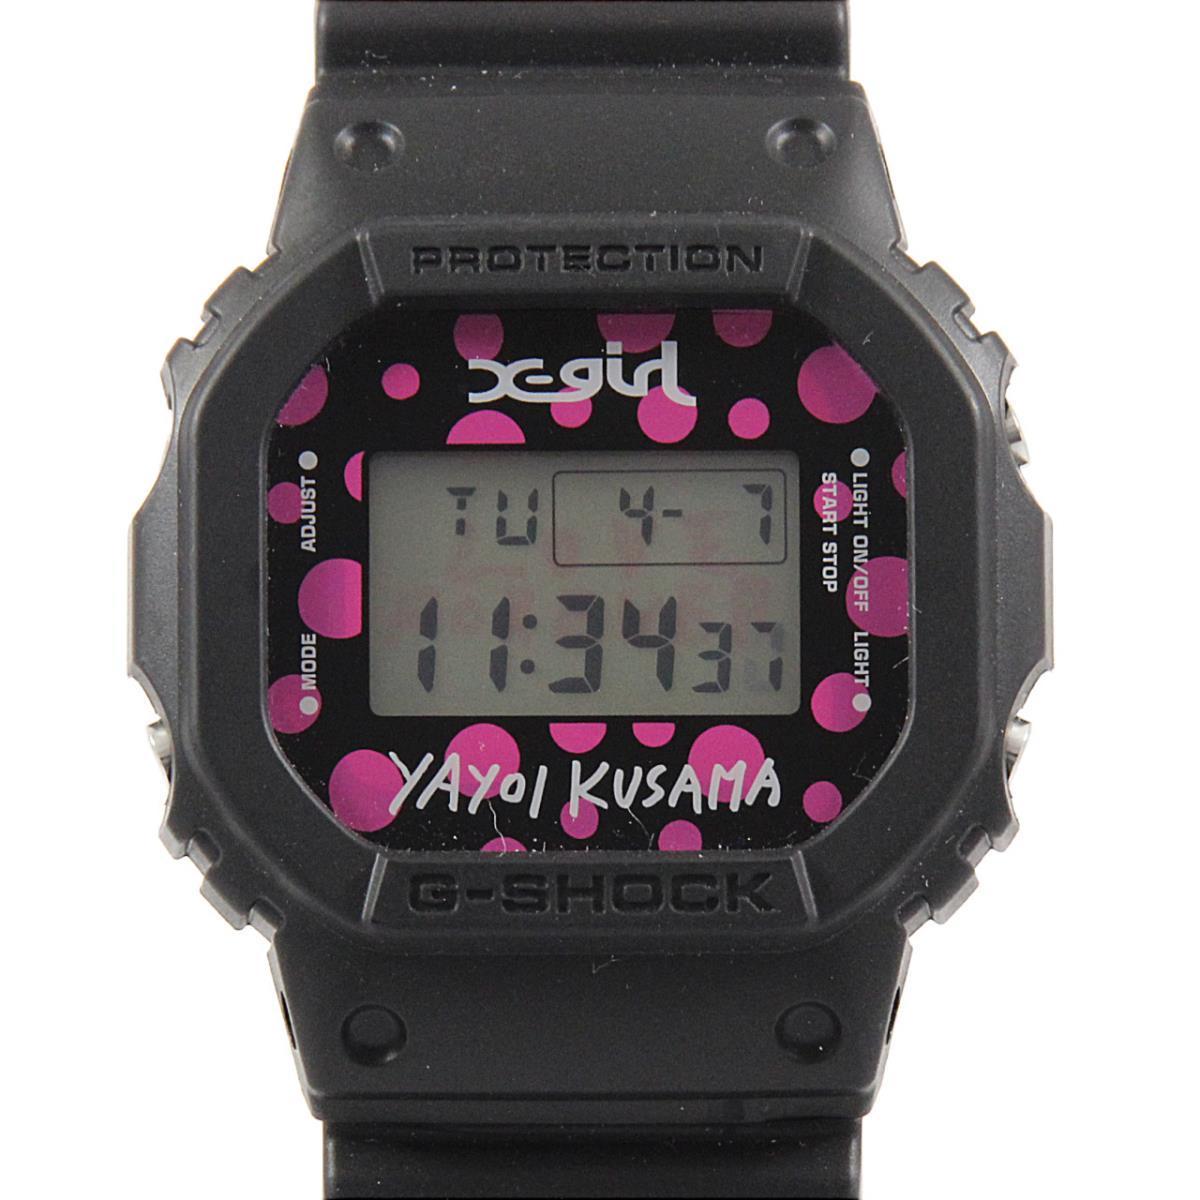 腕時計, メンズ腕時計  DW5600VT GSHOCKxgirlYAYOI KUSAMA